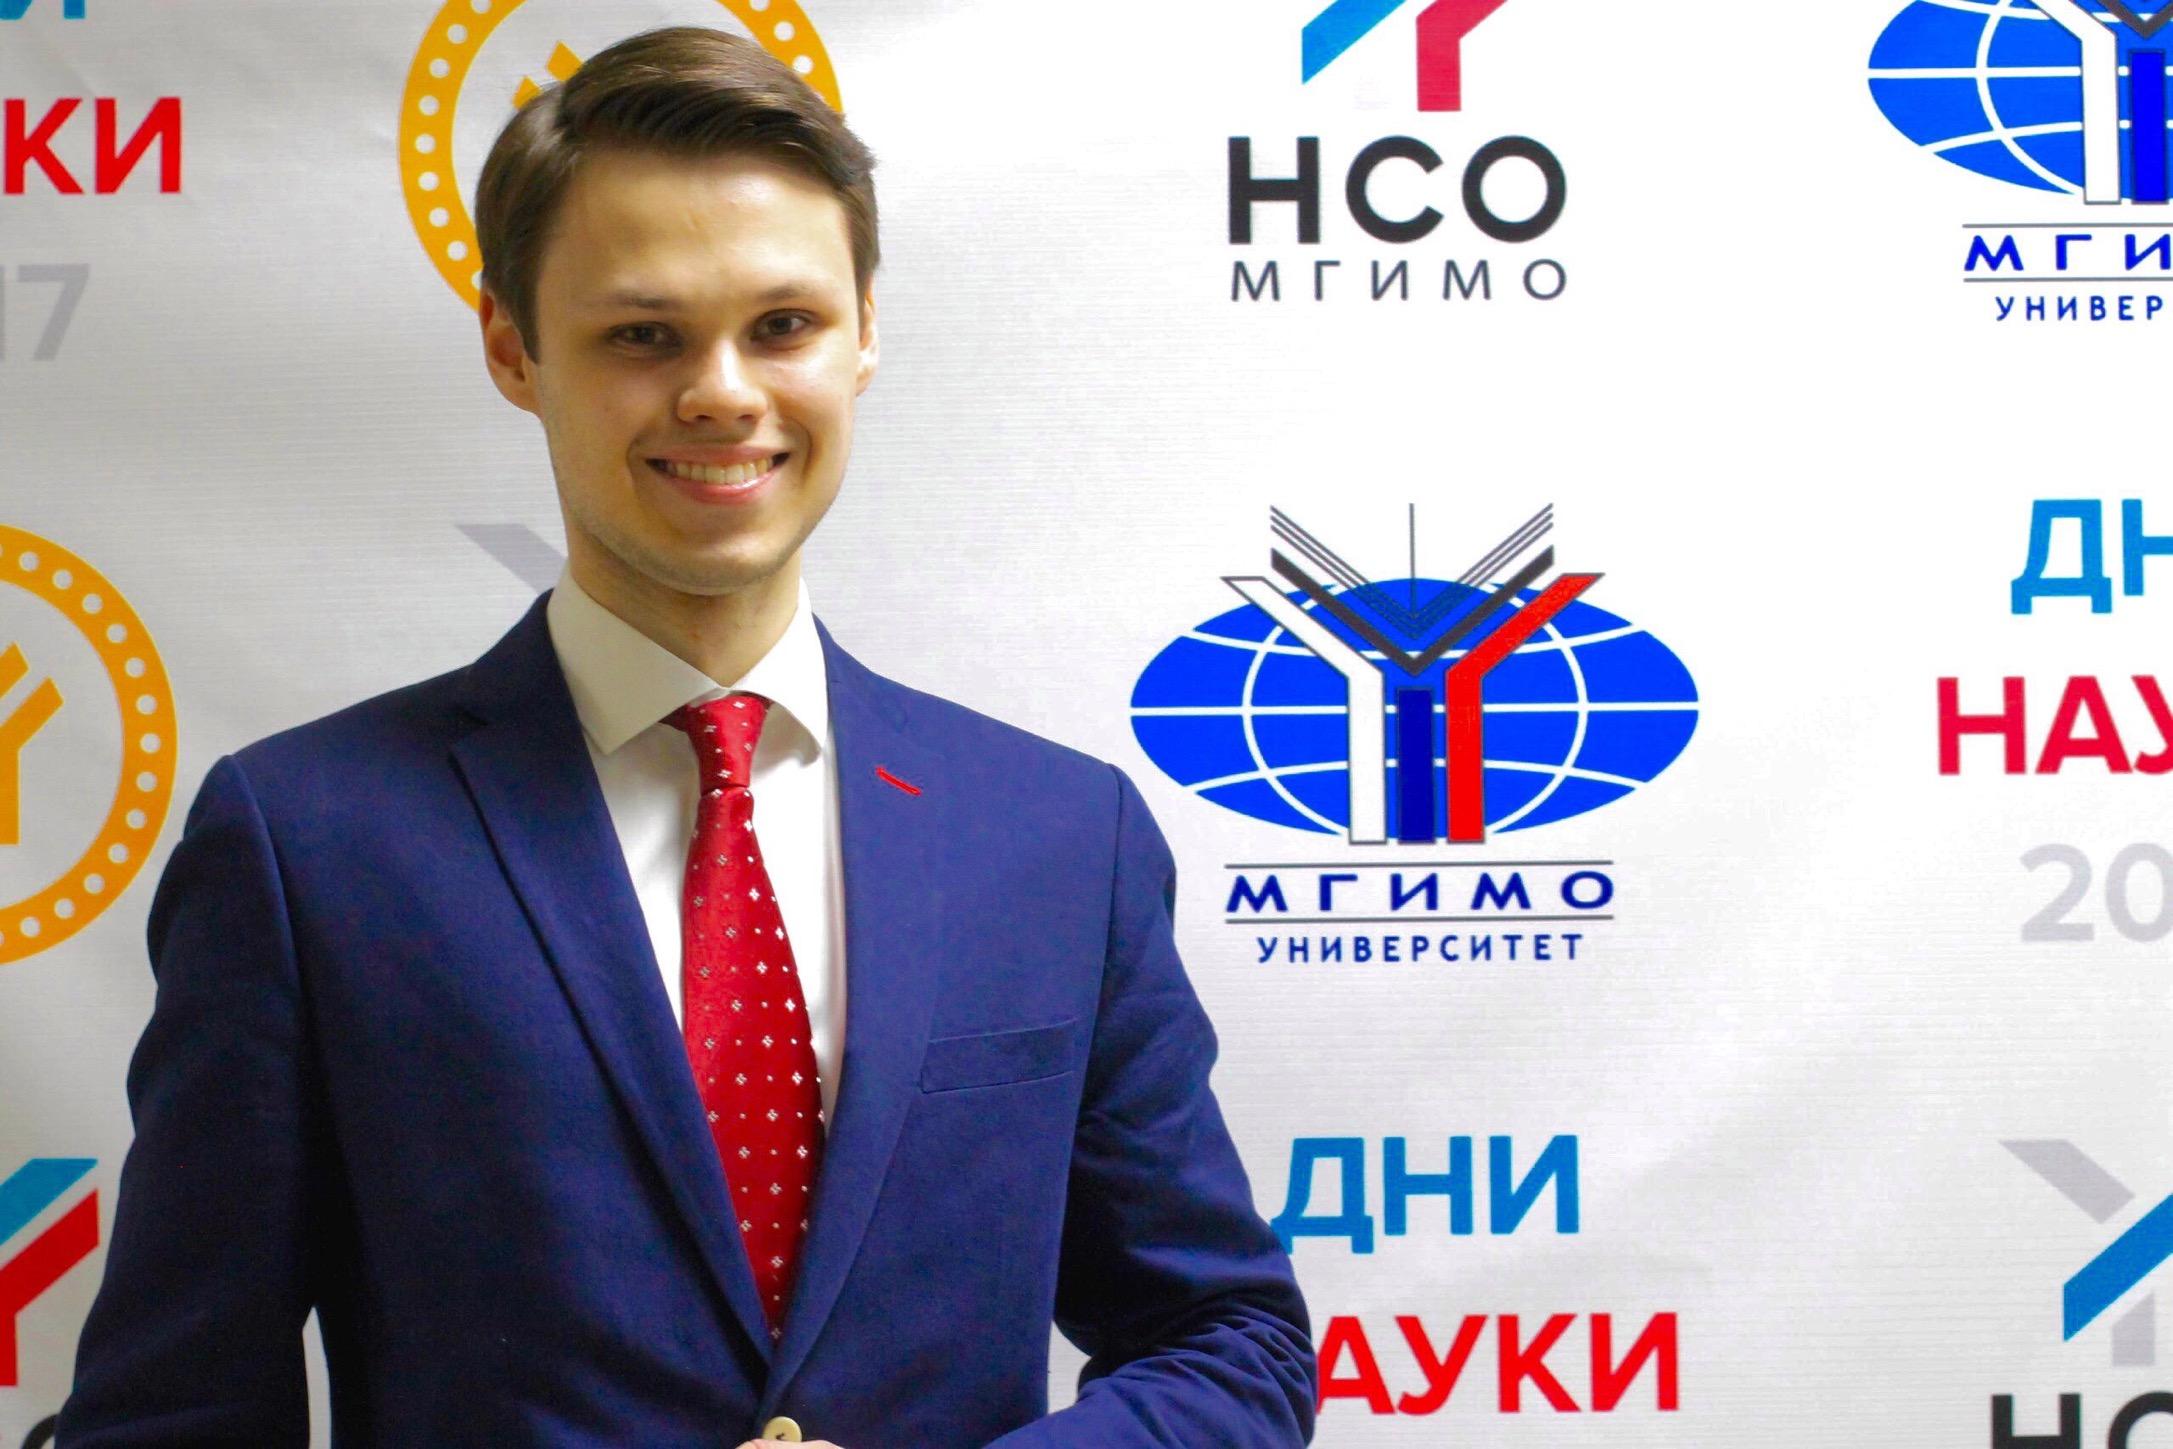 Королев Денис Андреевич